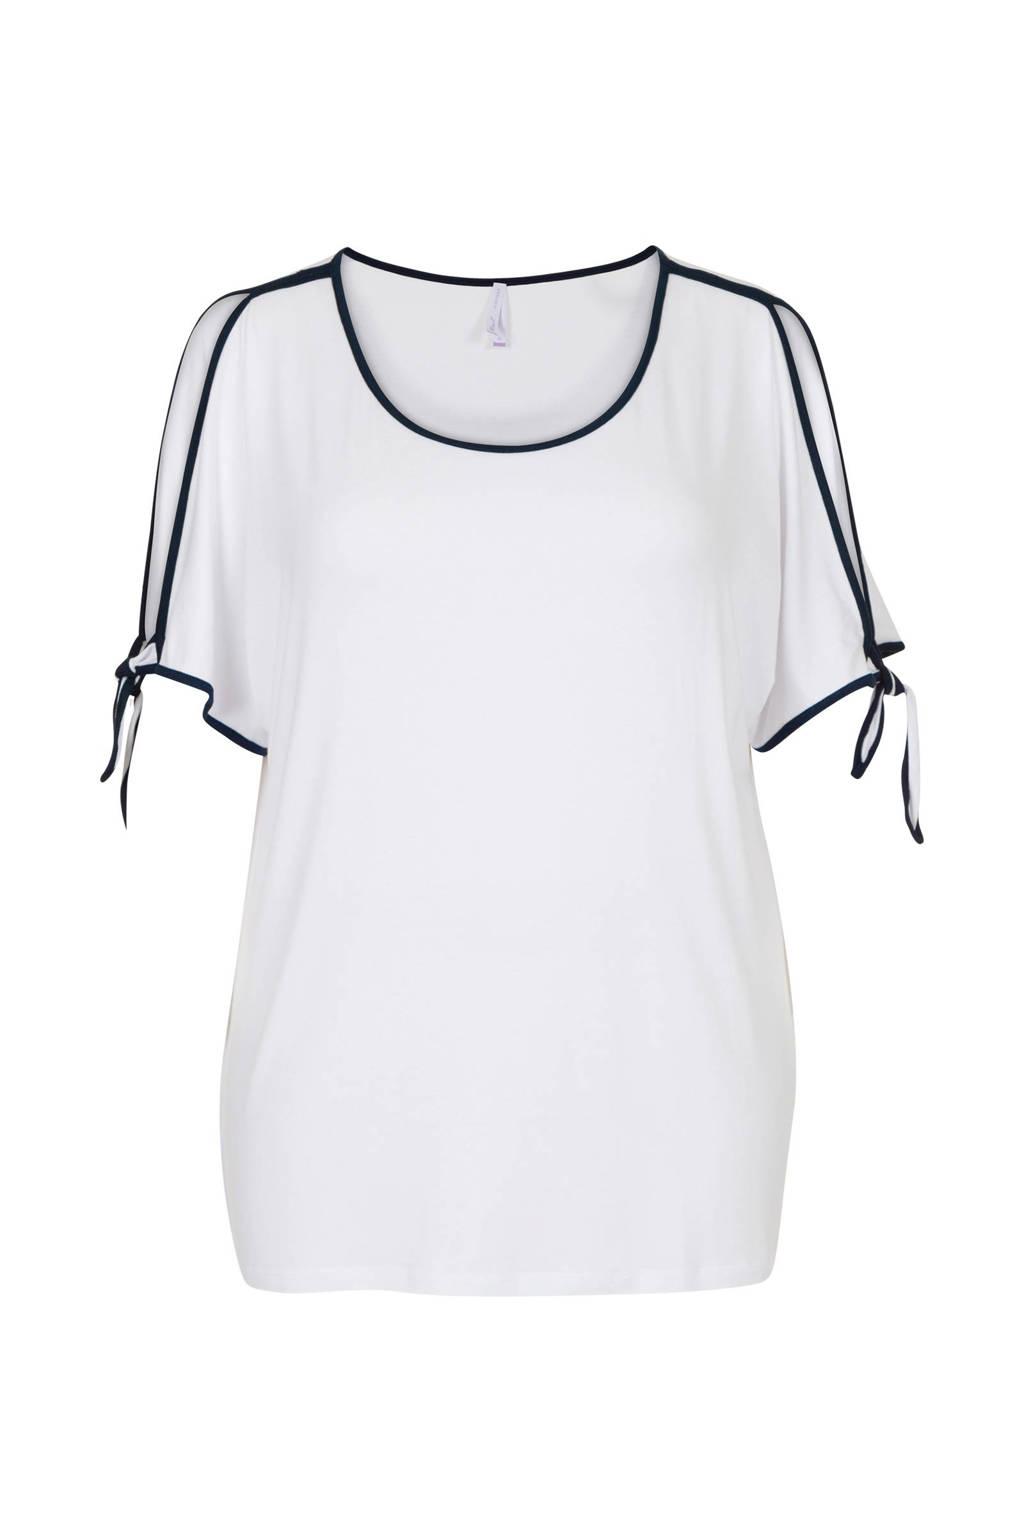 Miss Etam Plus T-shirt met zijstreep en open detail wit/zwart, Wit/zwart